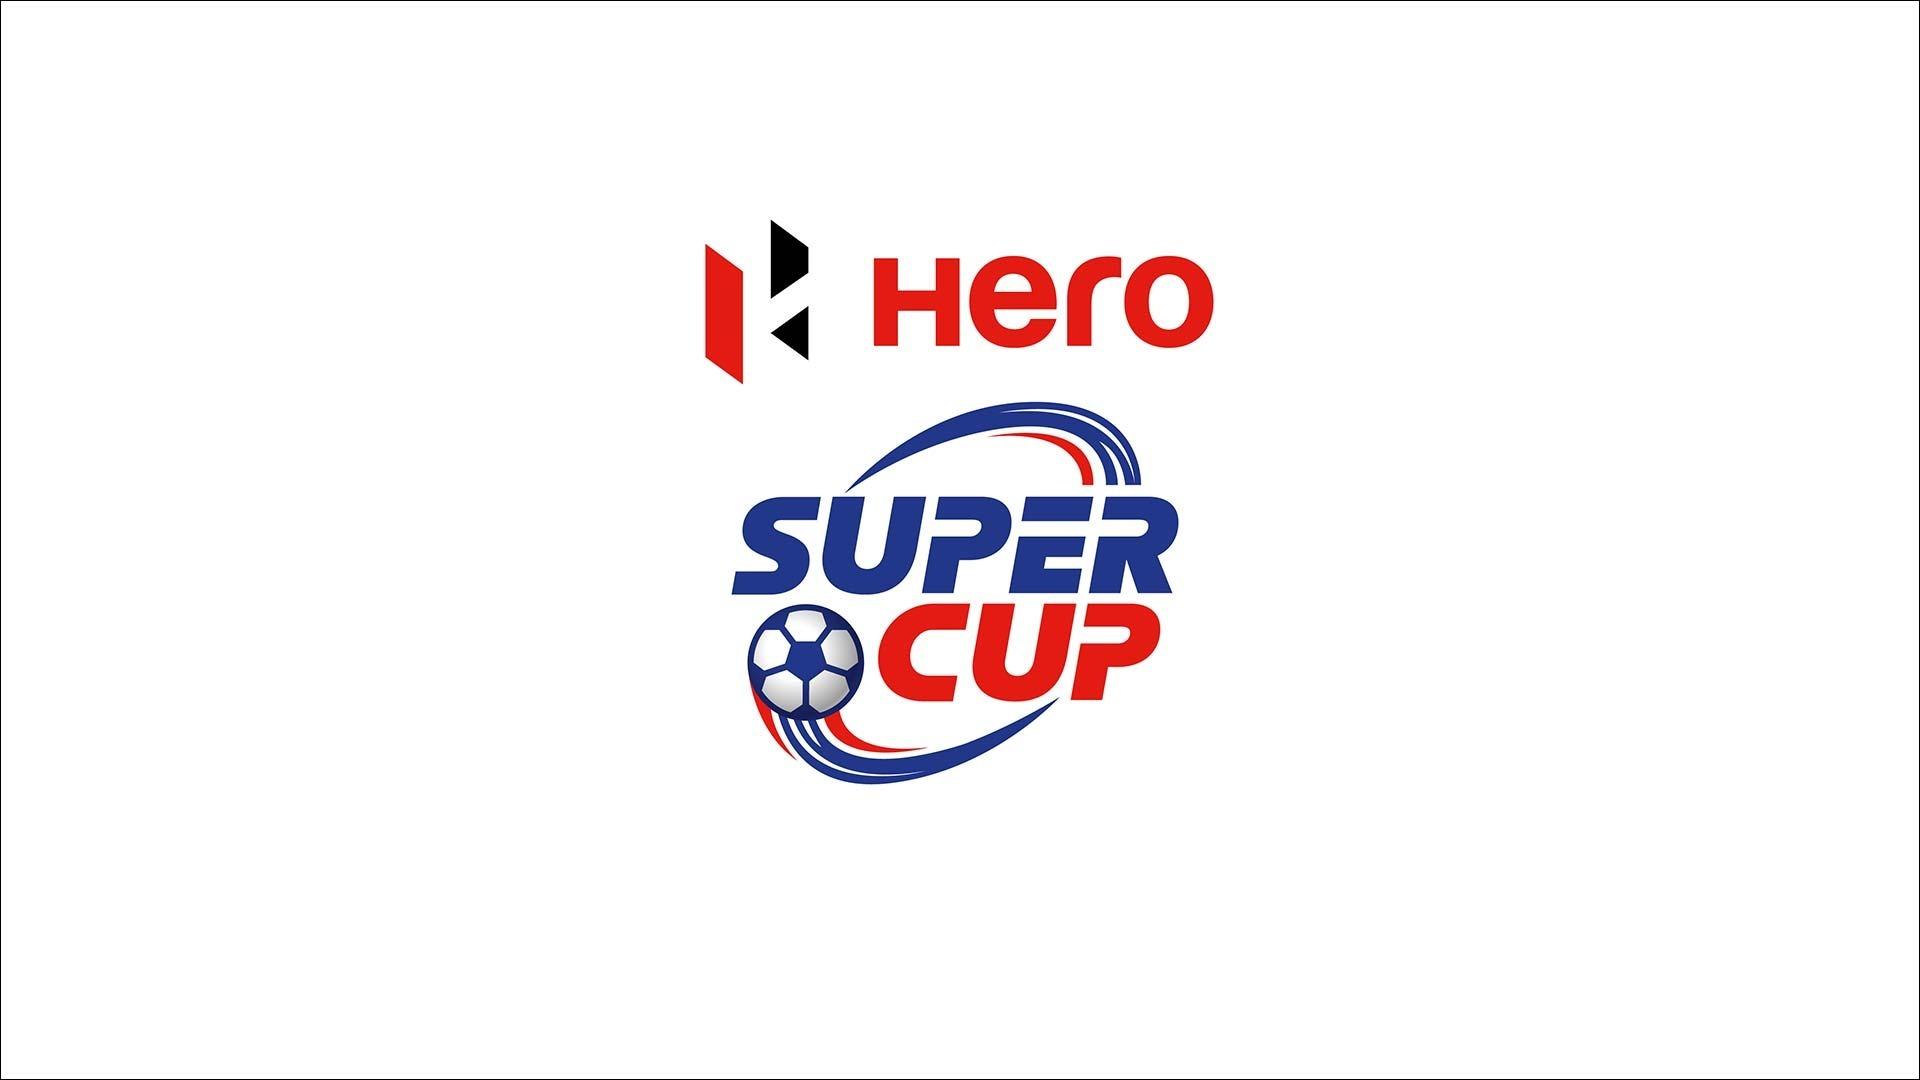 फुटबाल : हीरो सुपर कप का अंतिम दौर 31 मार्च से खेला जाएगा 5